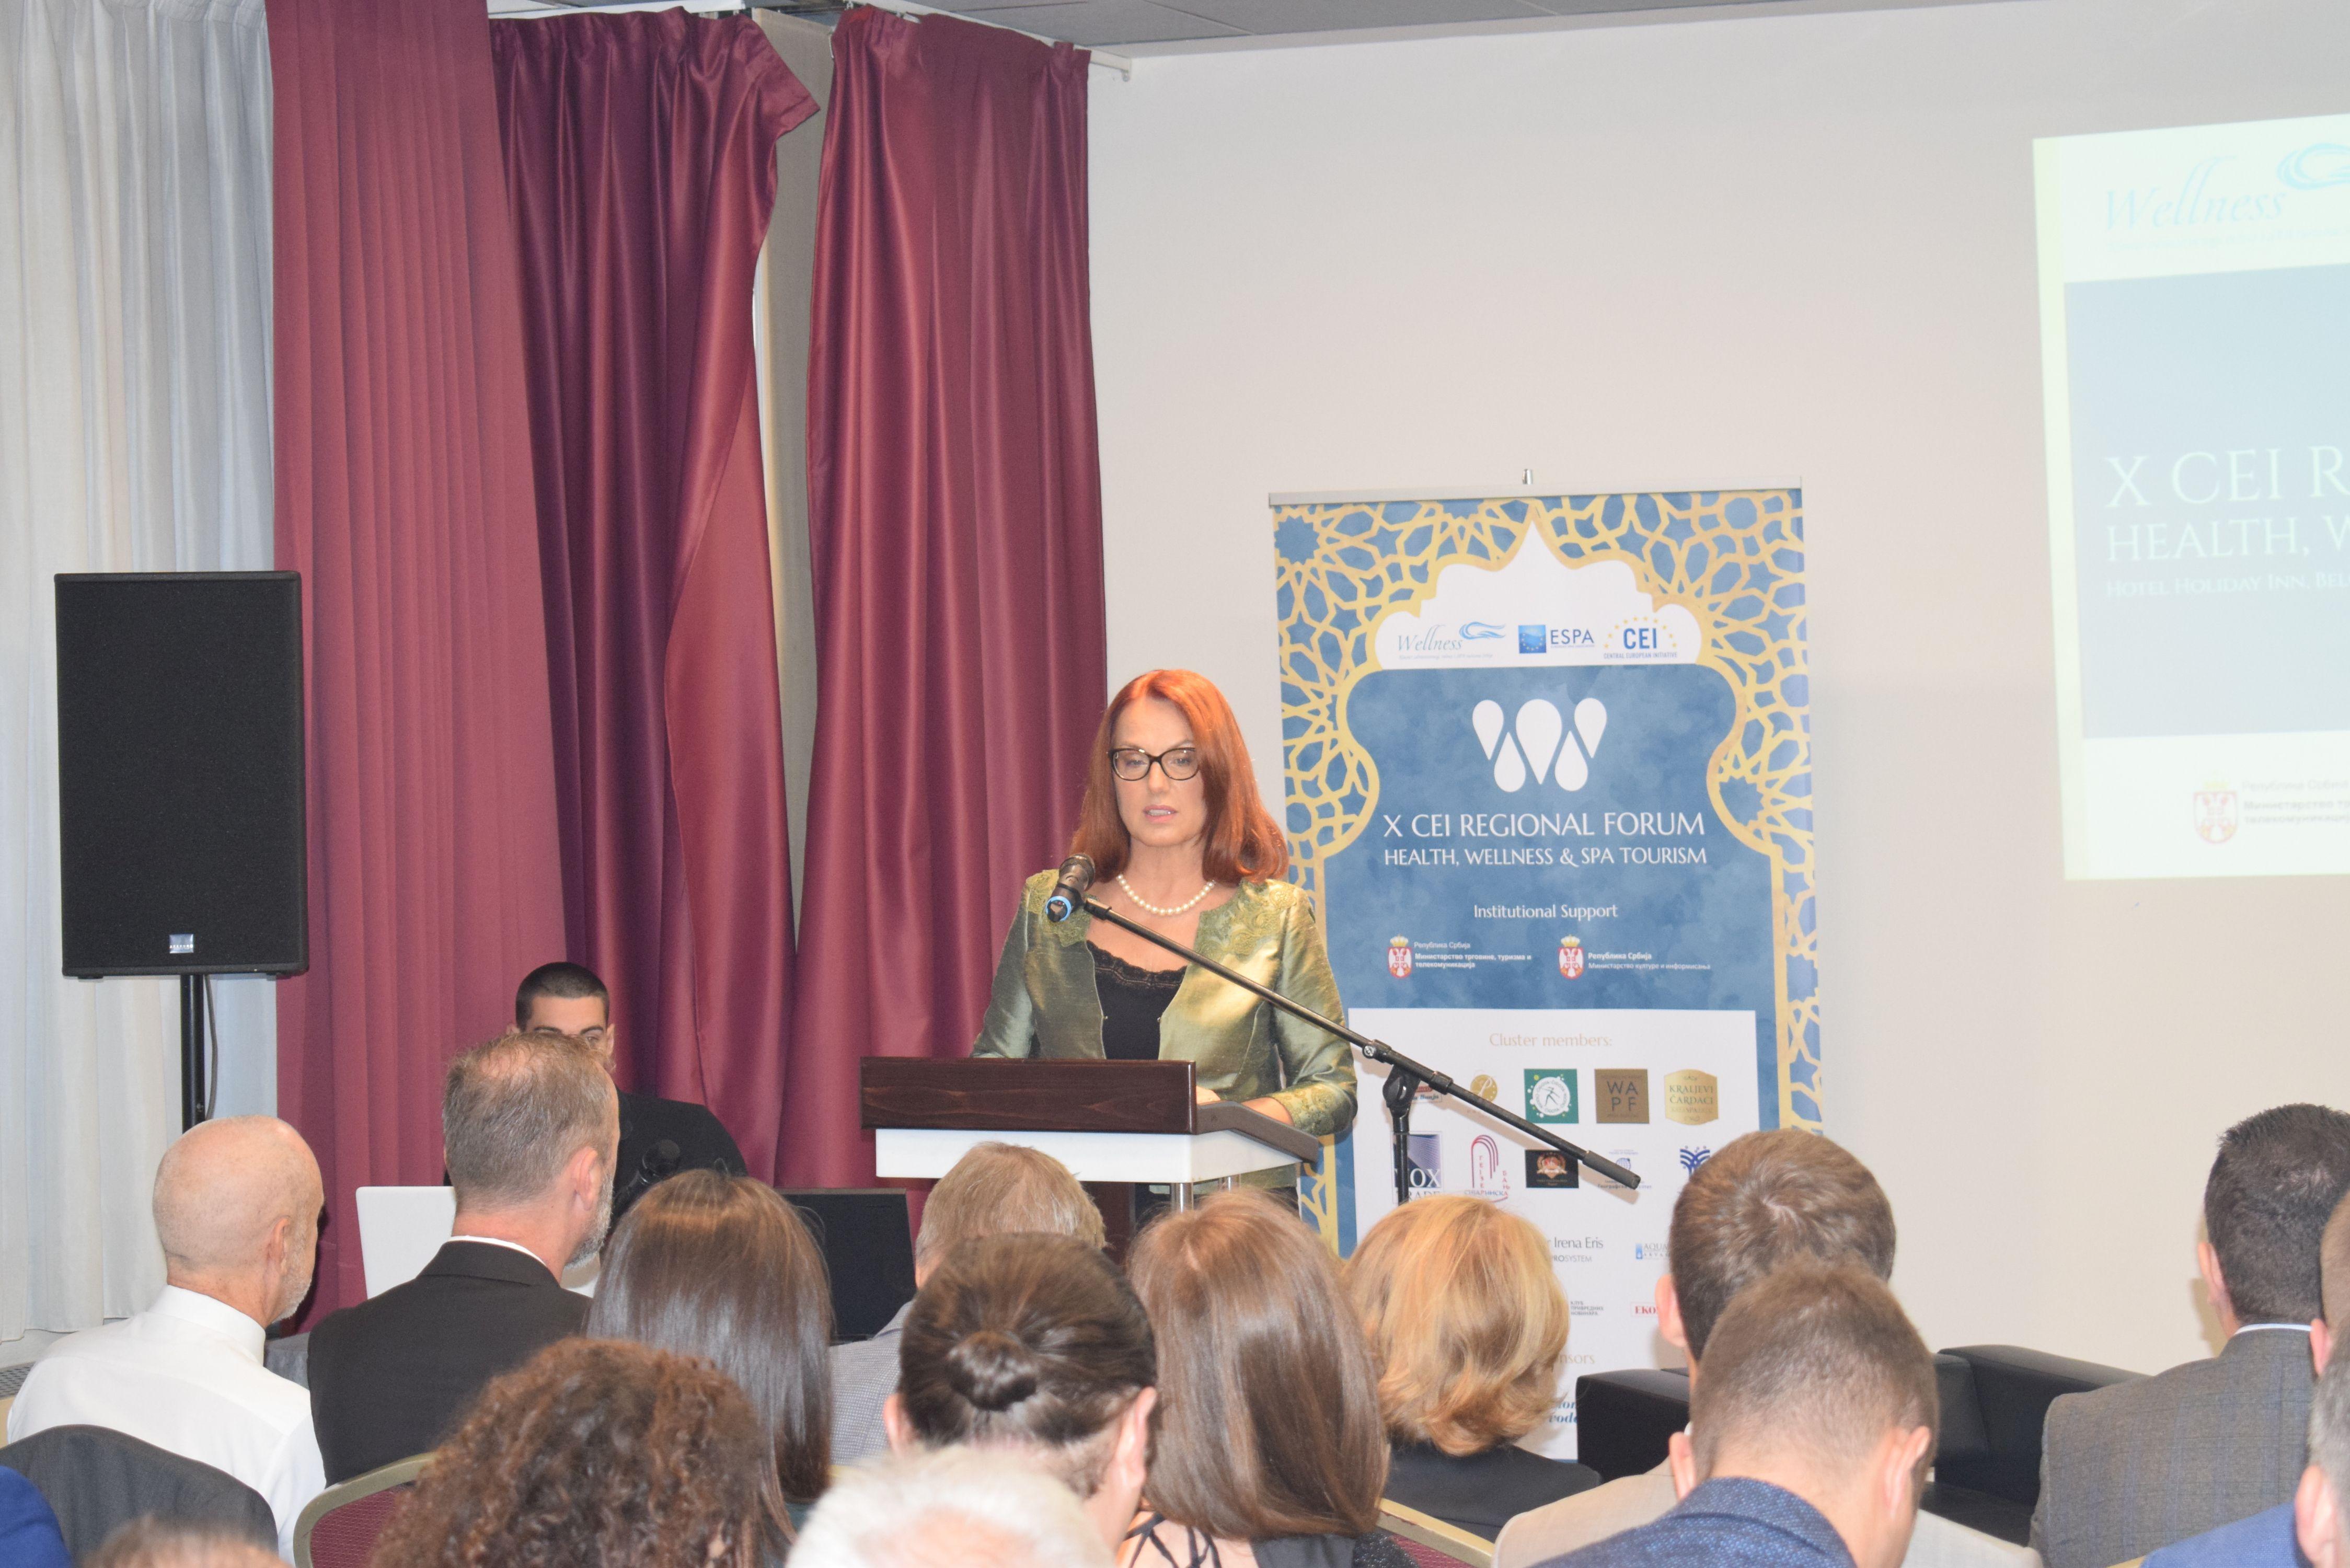 Održan 10.CEI Regionalni forum zdravstvenog velnes i spa turizma